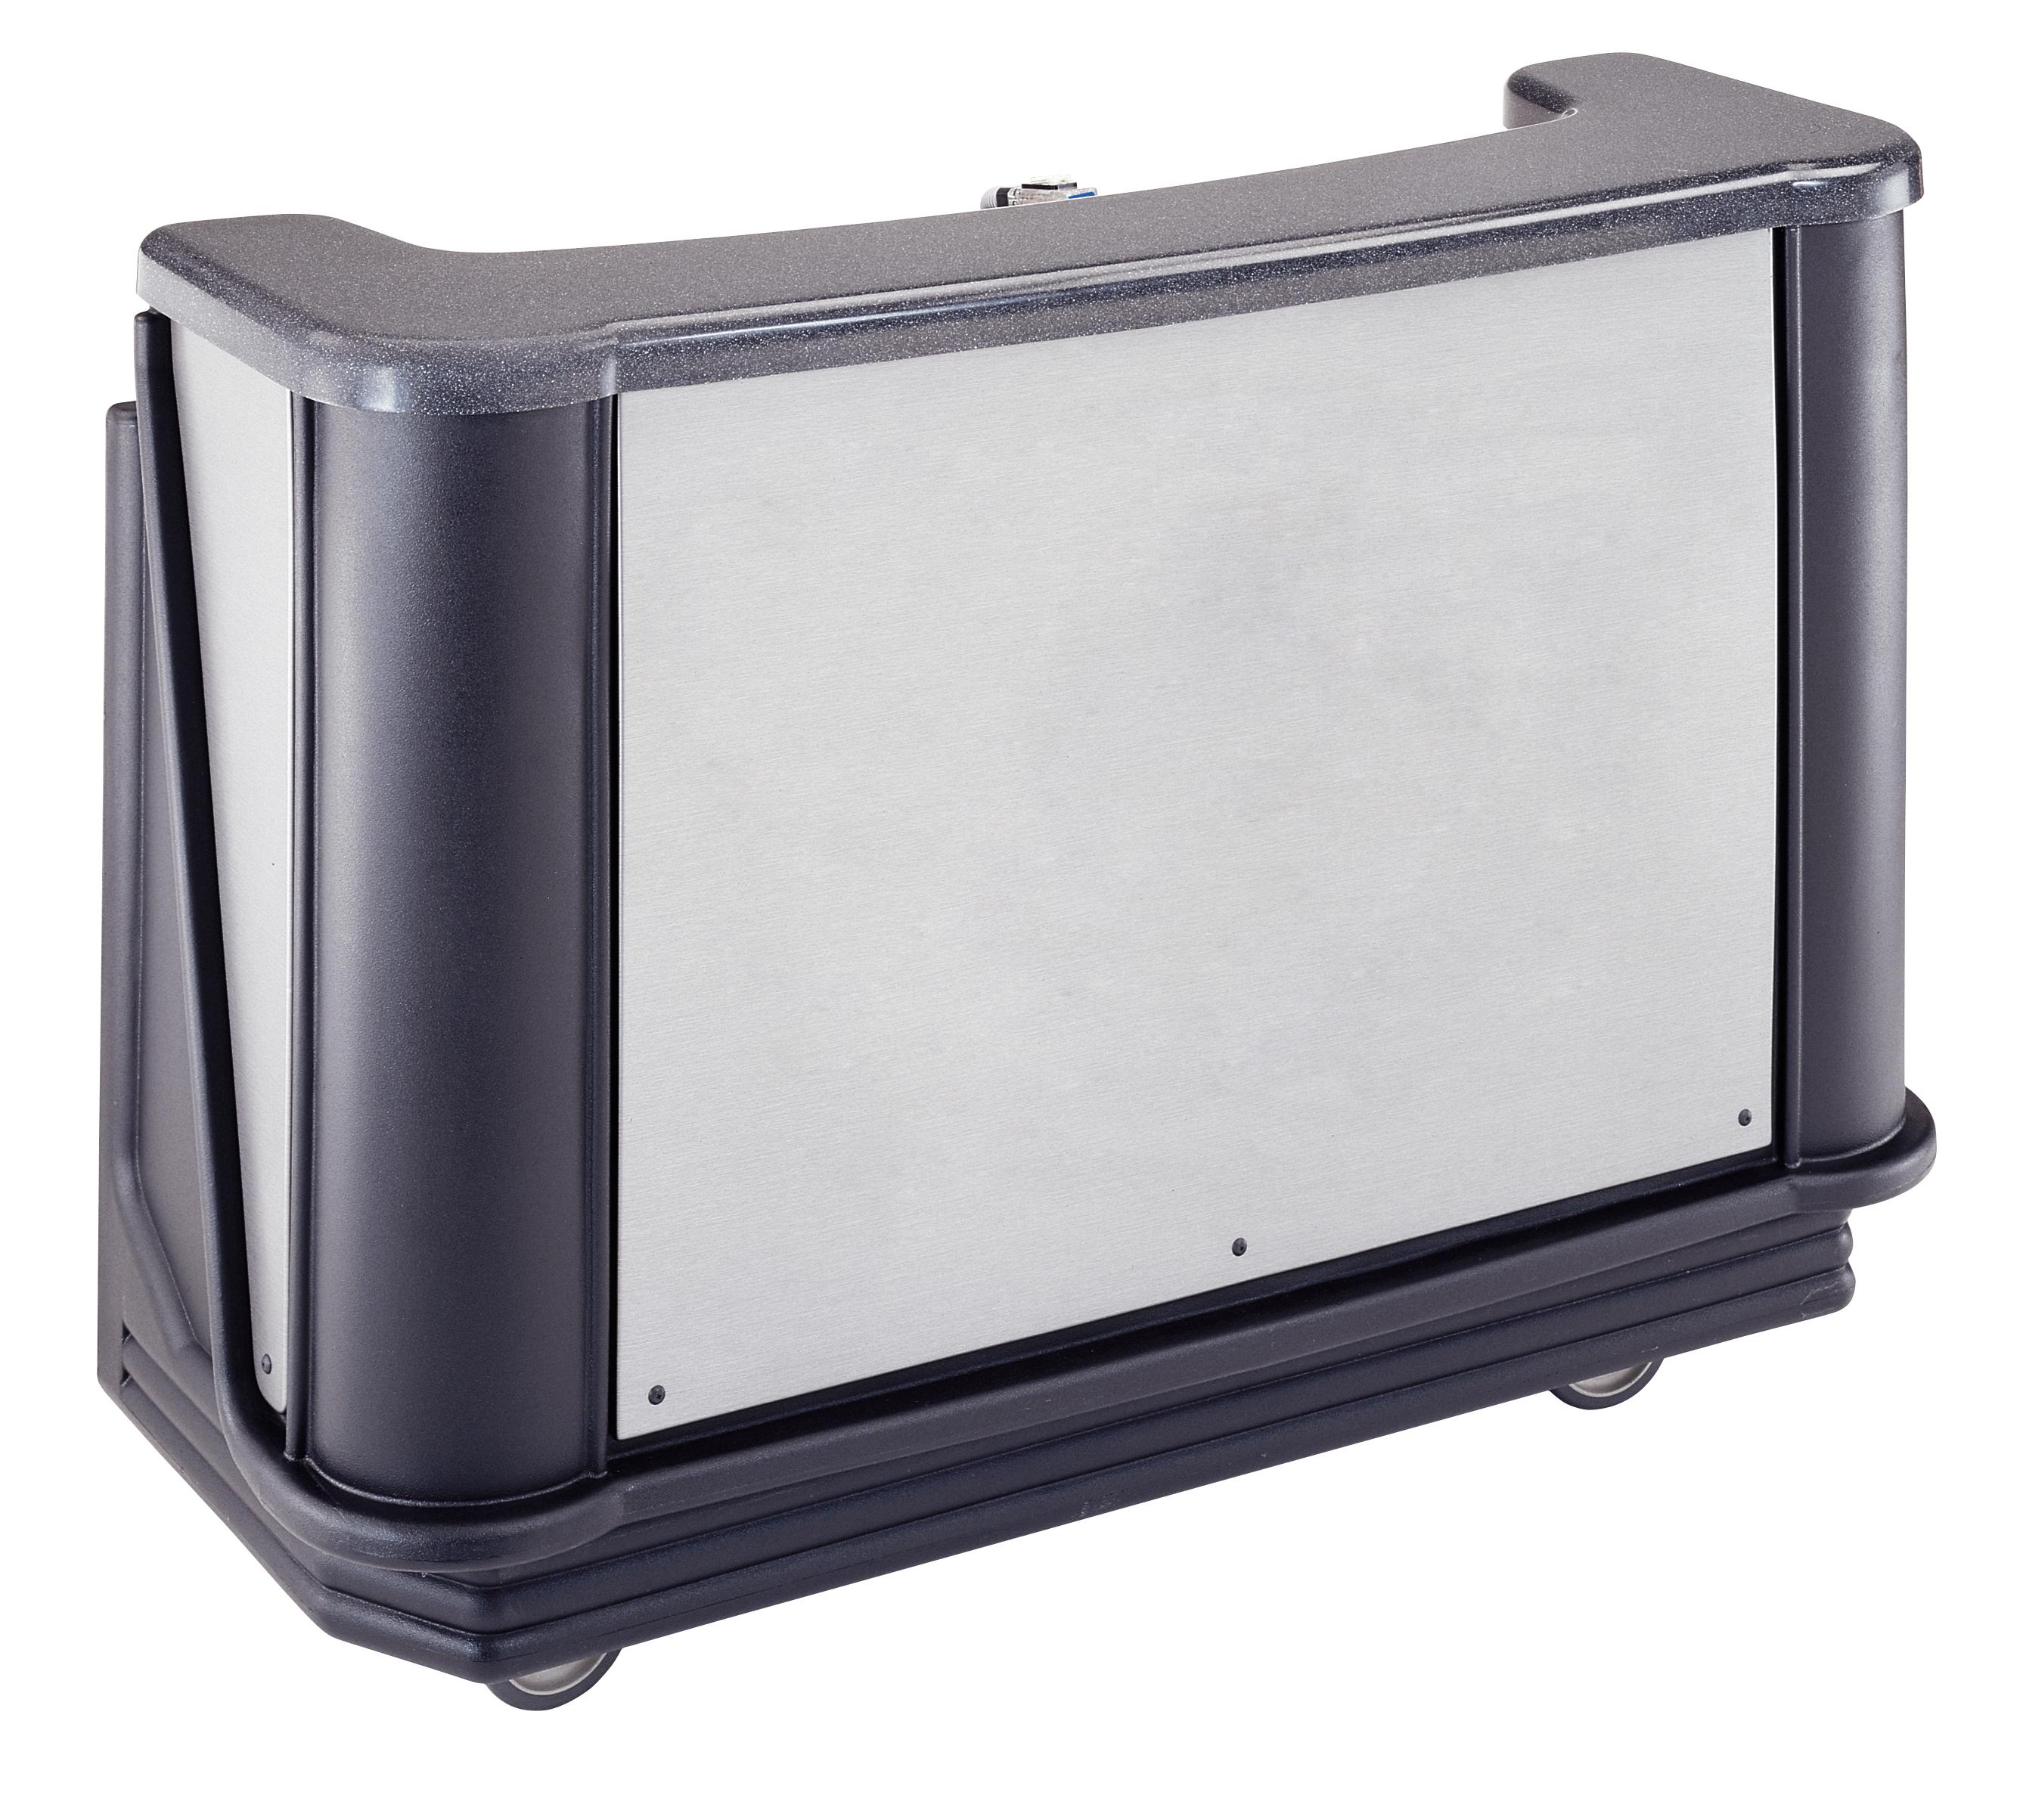 Cambro BAR650DSDX770 portable bar